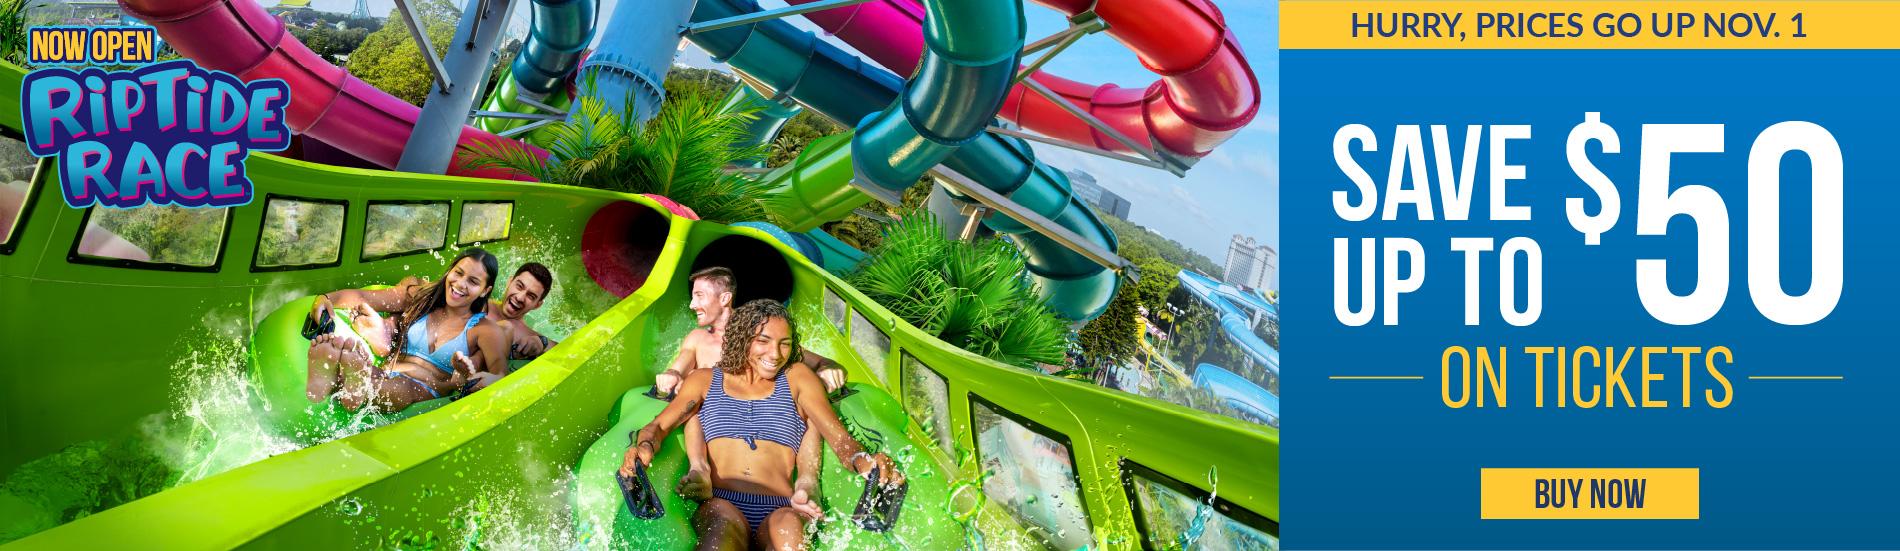 Aquatica Orlando Prices Go Up